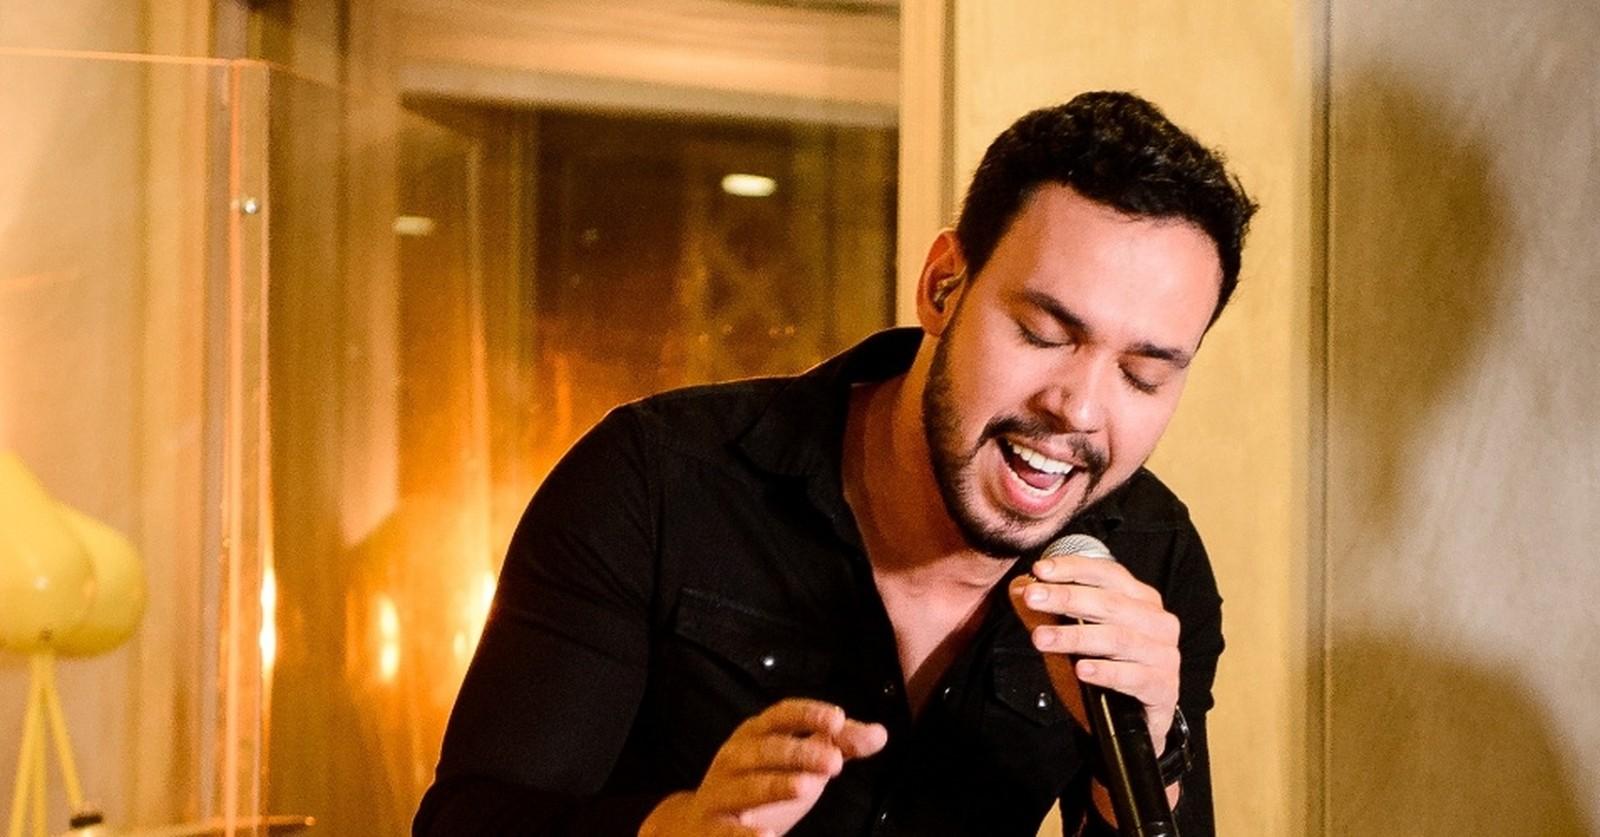 Vencedor do 'Iluminados', Filipe Labre faz show em Palmas neste sábado (14)